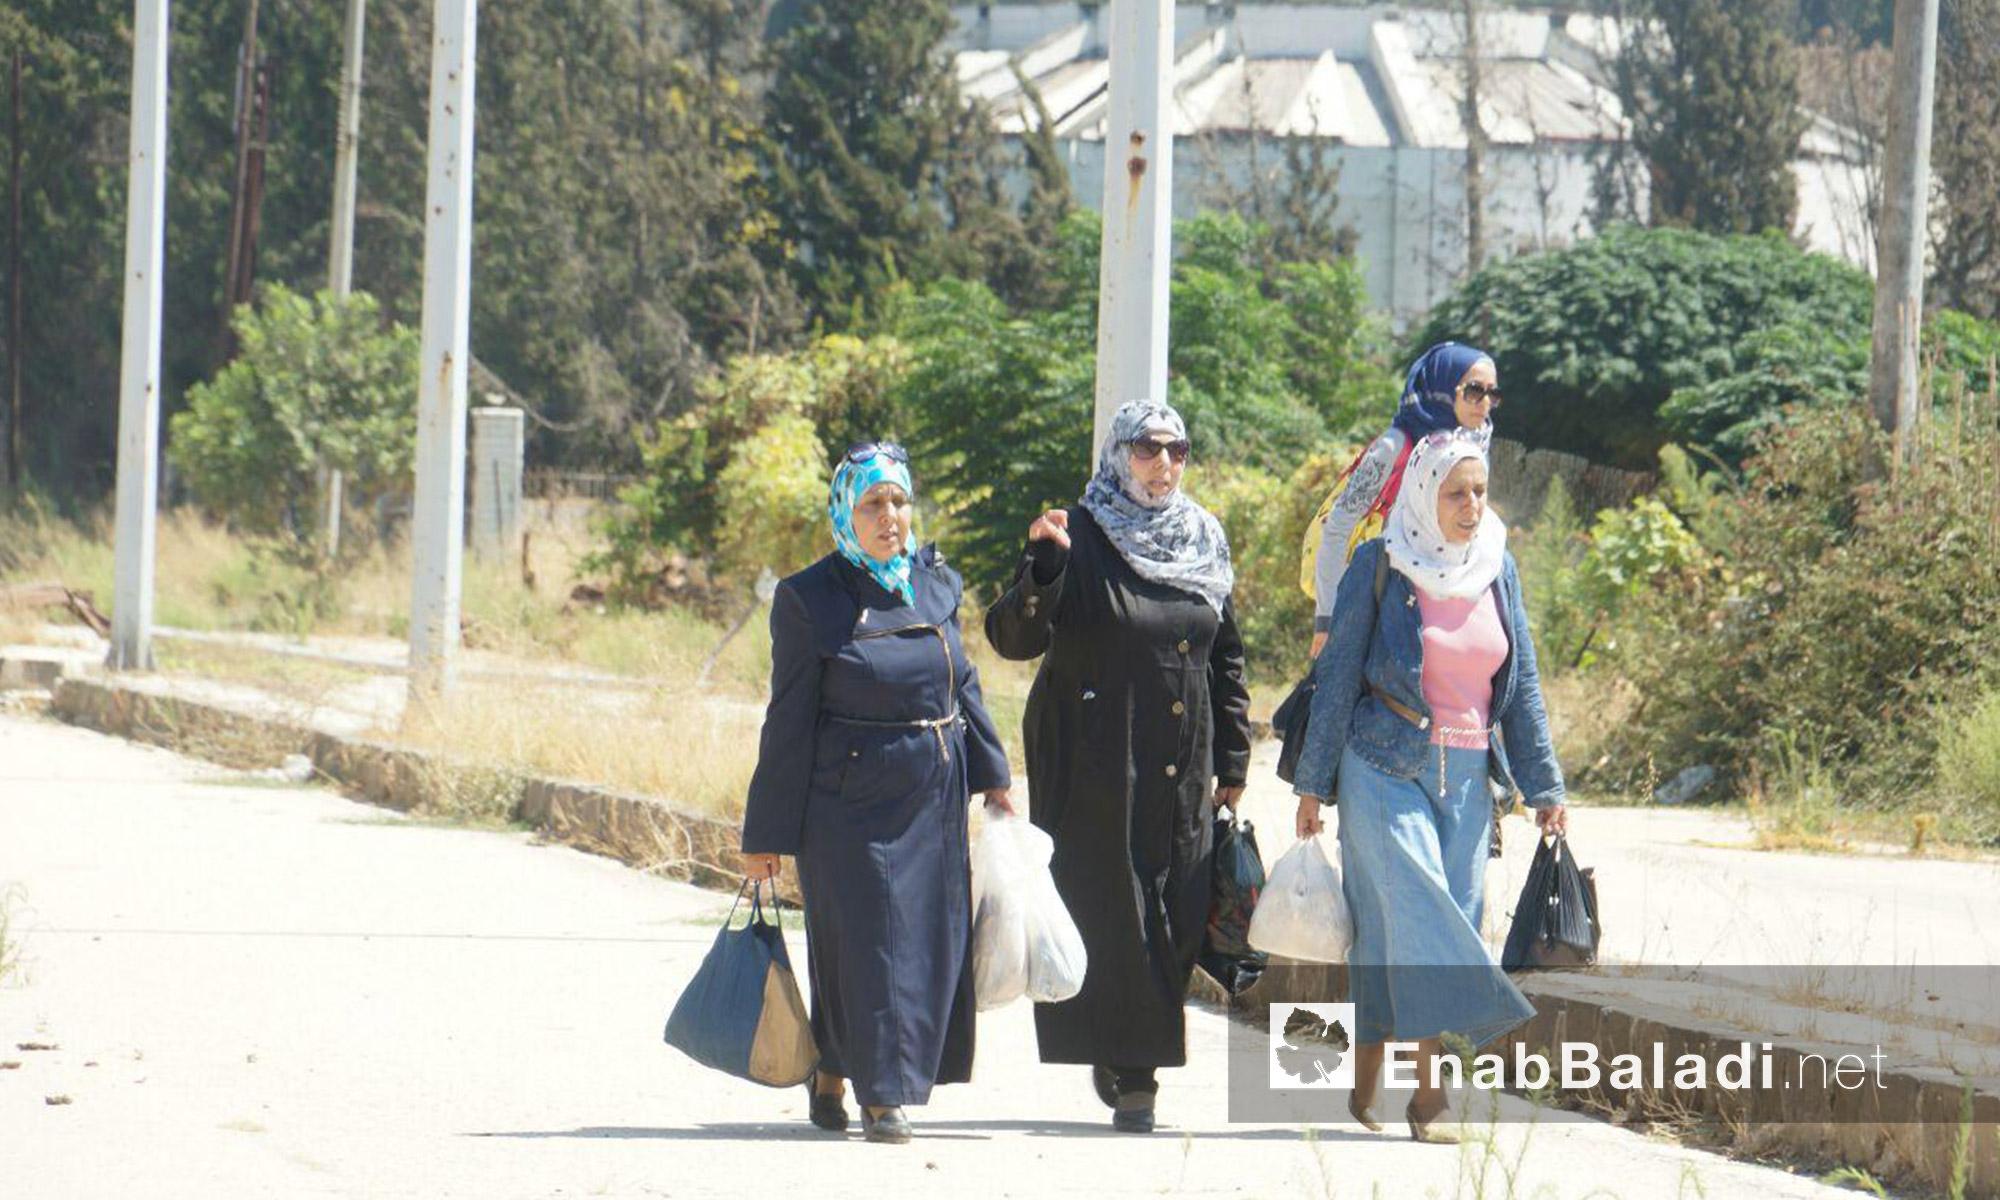 أربع نساء يدخلن حي الوعر بحمص - الثلاثاء 6 أيلول (عنب بلدي)